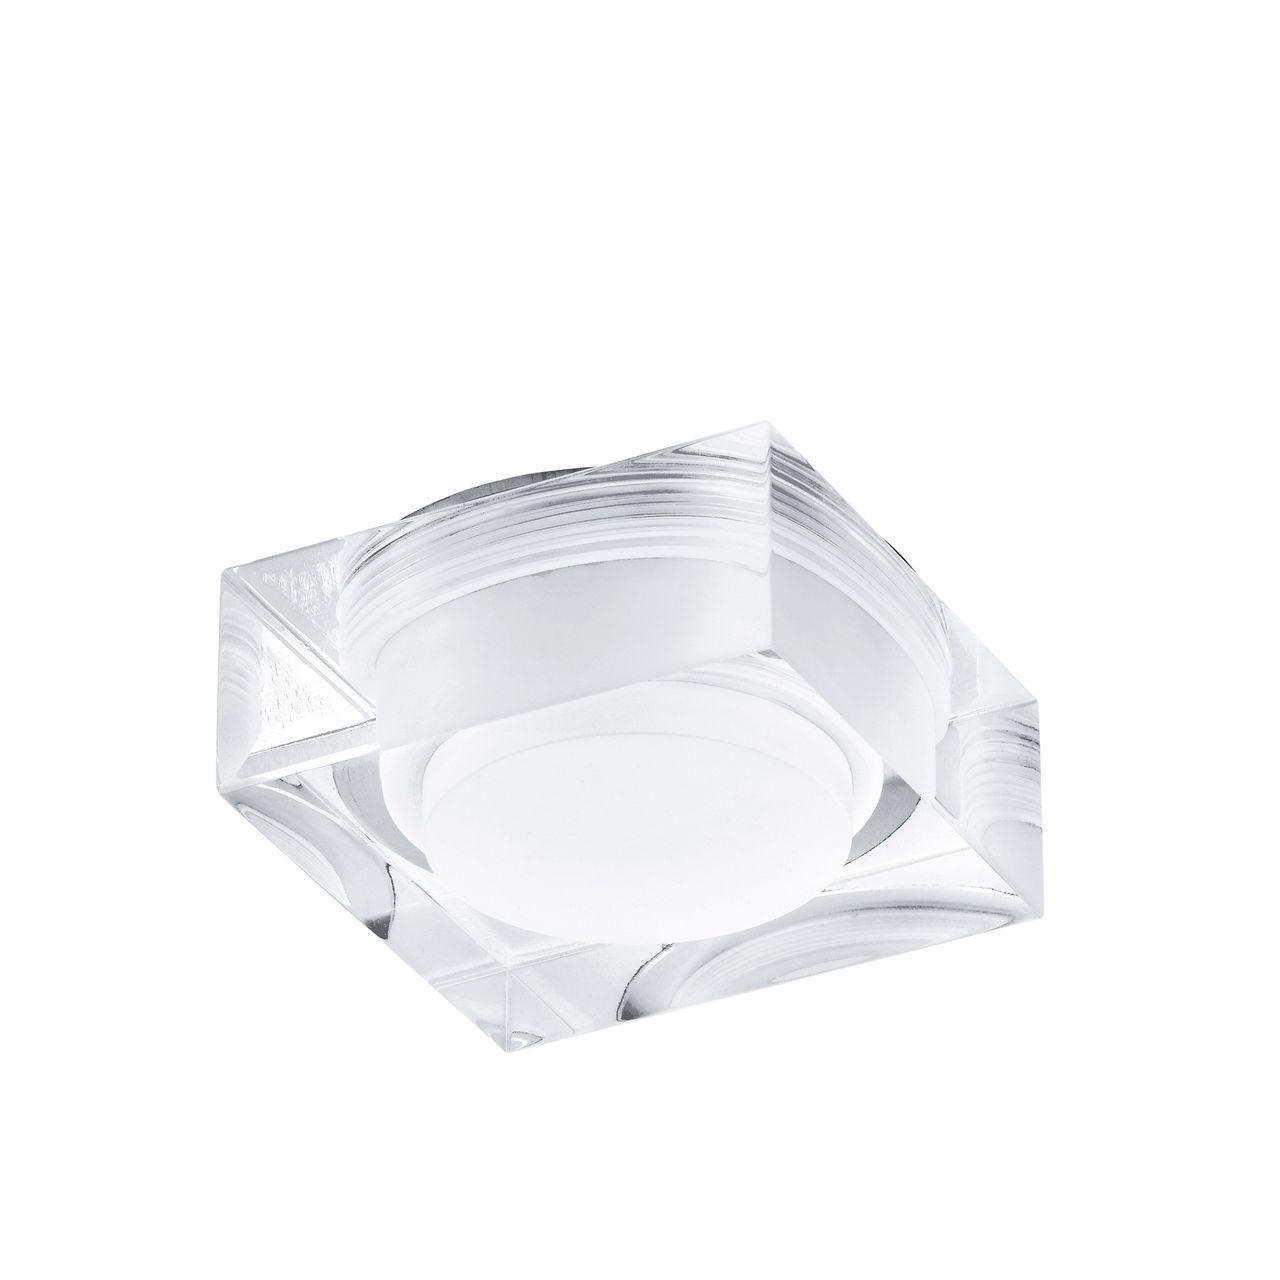 Встраиваемый светильник Eglo Tortoli 92681 eglo светильник встраиваемый tortoli 1x3w gu10 ip20